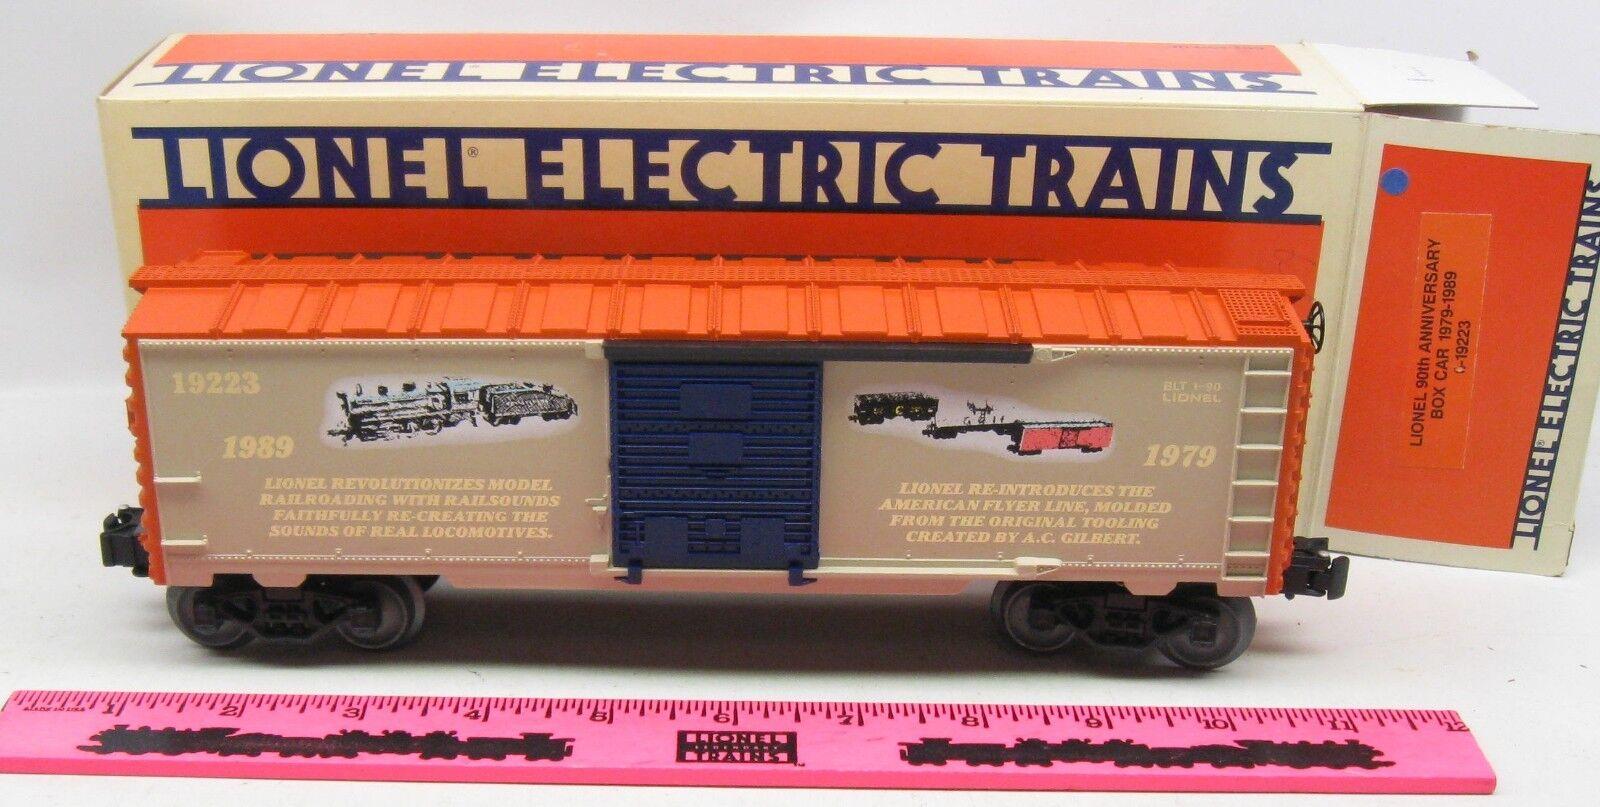 Lionel  6-19223 Lionel 90th anniversary box car 1979-1989